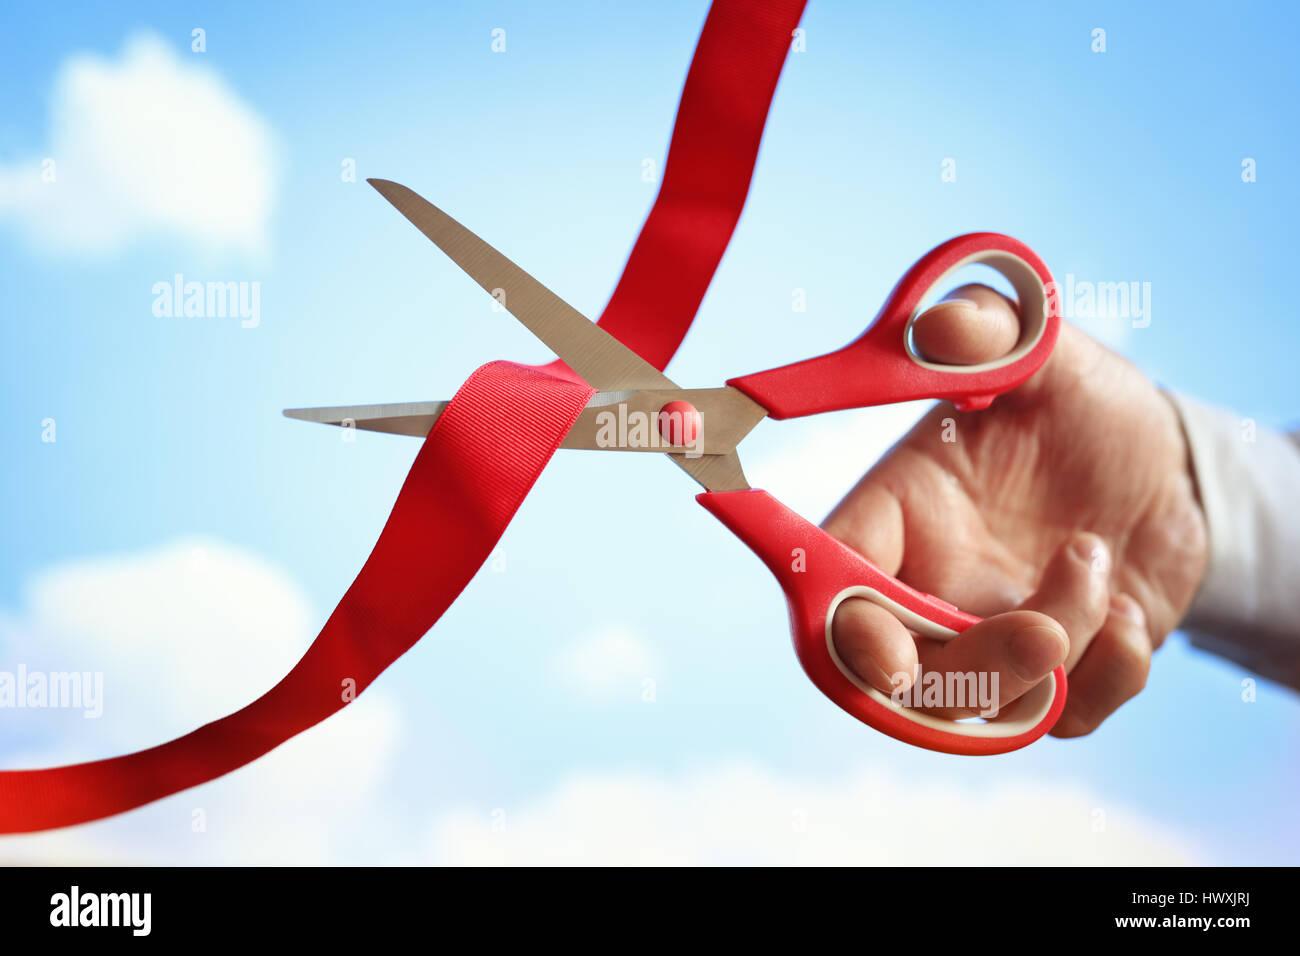 Coupe homme d'un ruban rouge avec une paire de ciseaux à la cérémonie d'ouverture Photo Stock